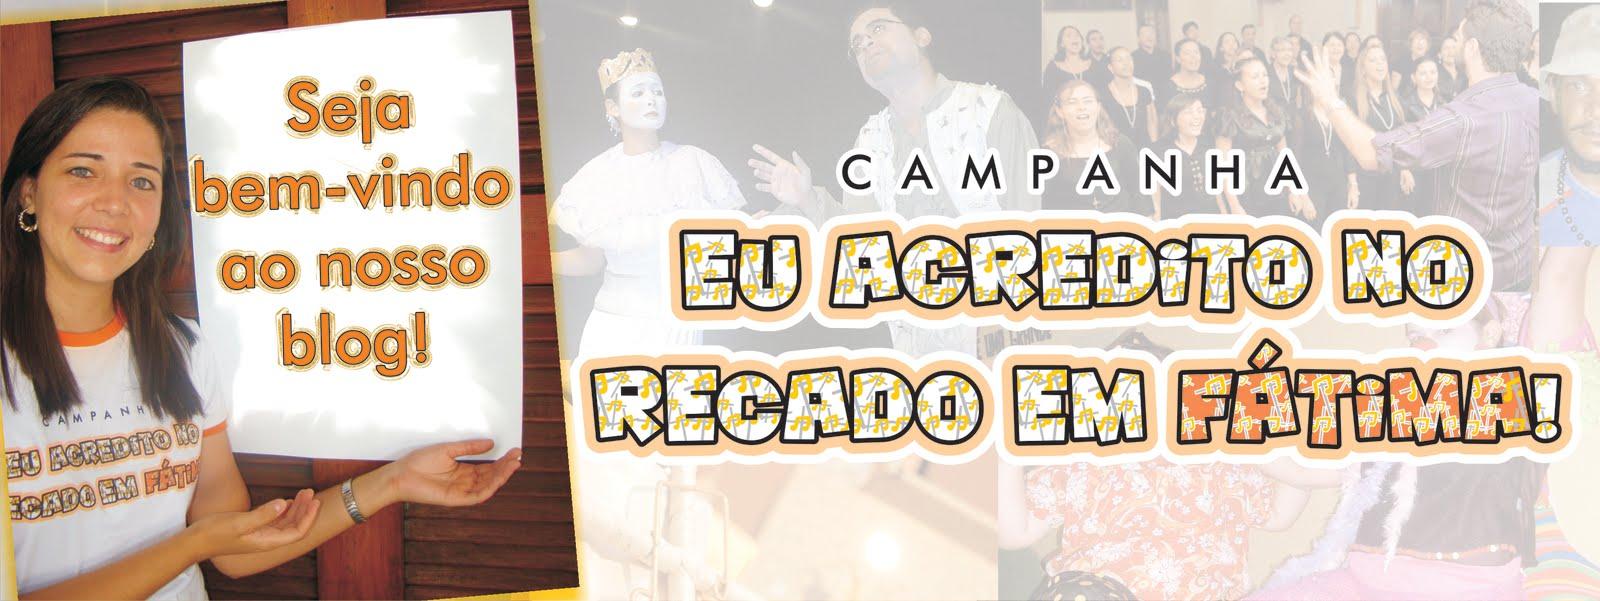 """Blog da Campanha """"Eu acredito no Recado em Fátima!"""""""